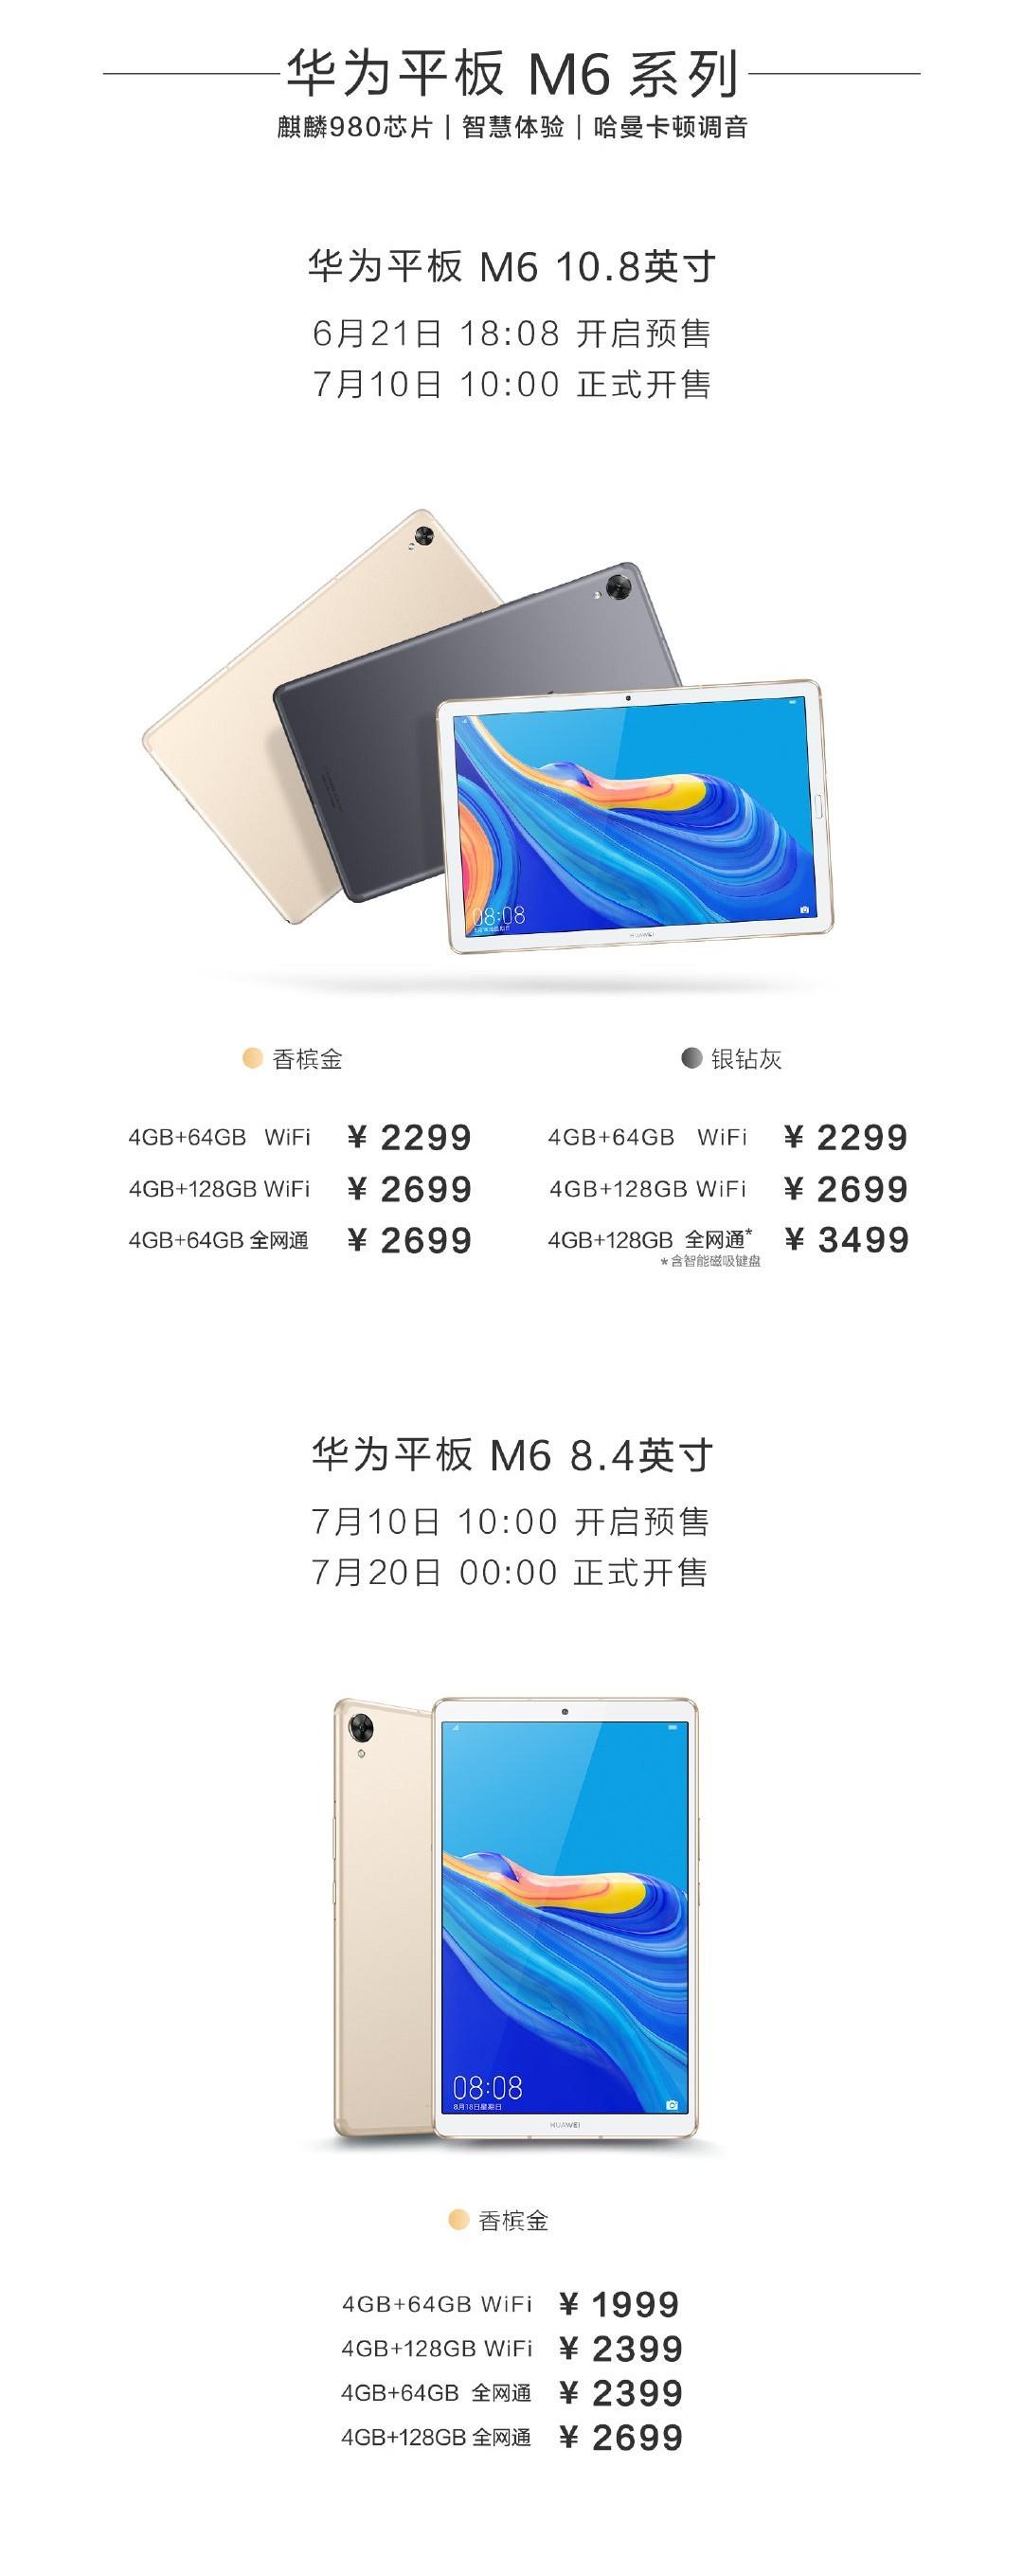 Huawei Tablet M6 Series Price